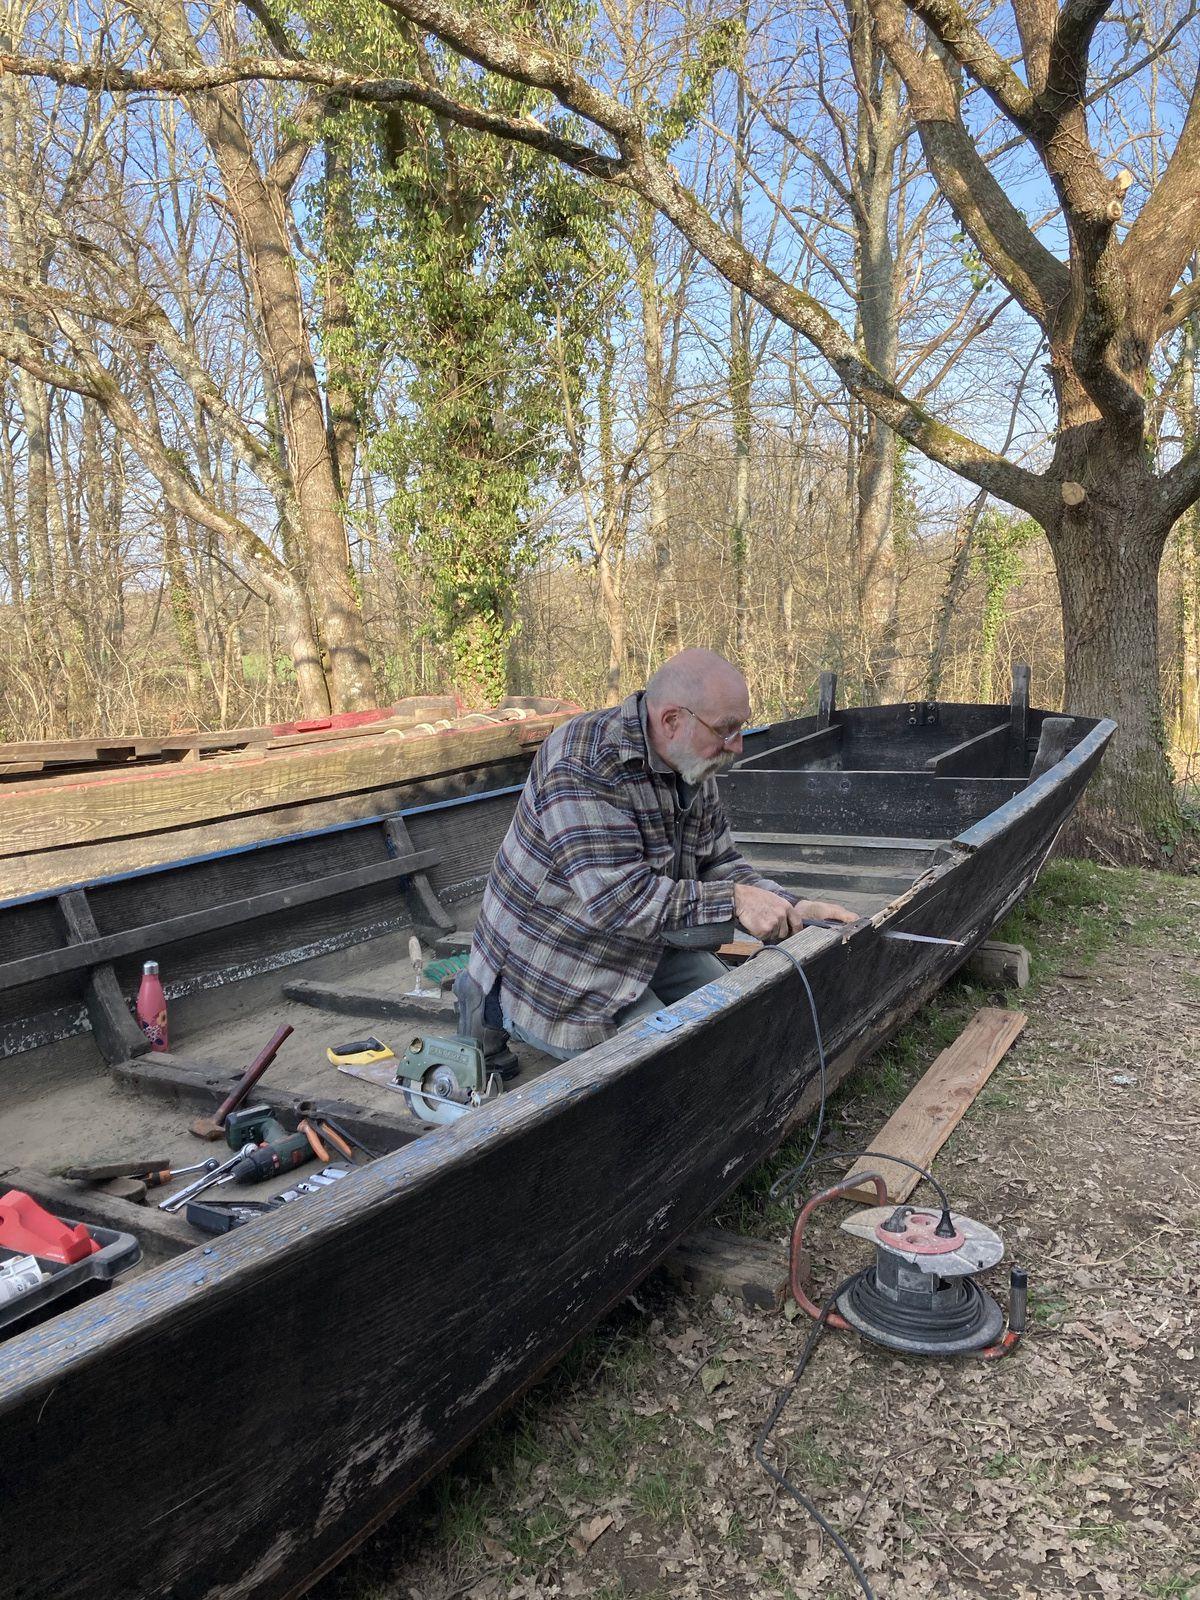 Les vies d'un bateau : Jean-Marc dit Freu travaille sur l'ancien bateau de Stéph le Sapeur dont la nouvelle devise sera bientôt exprimée et expliquée...